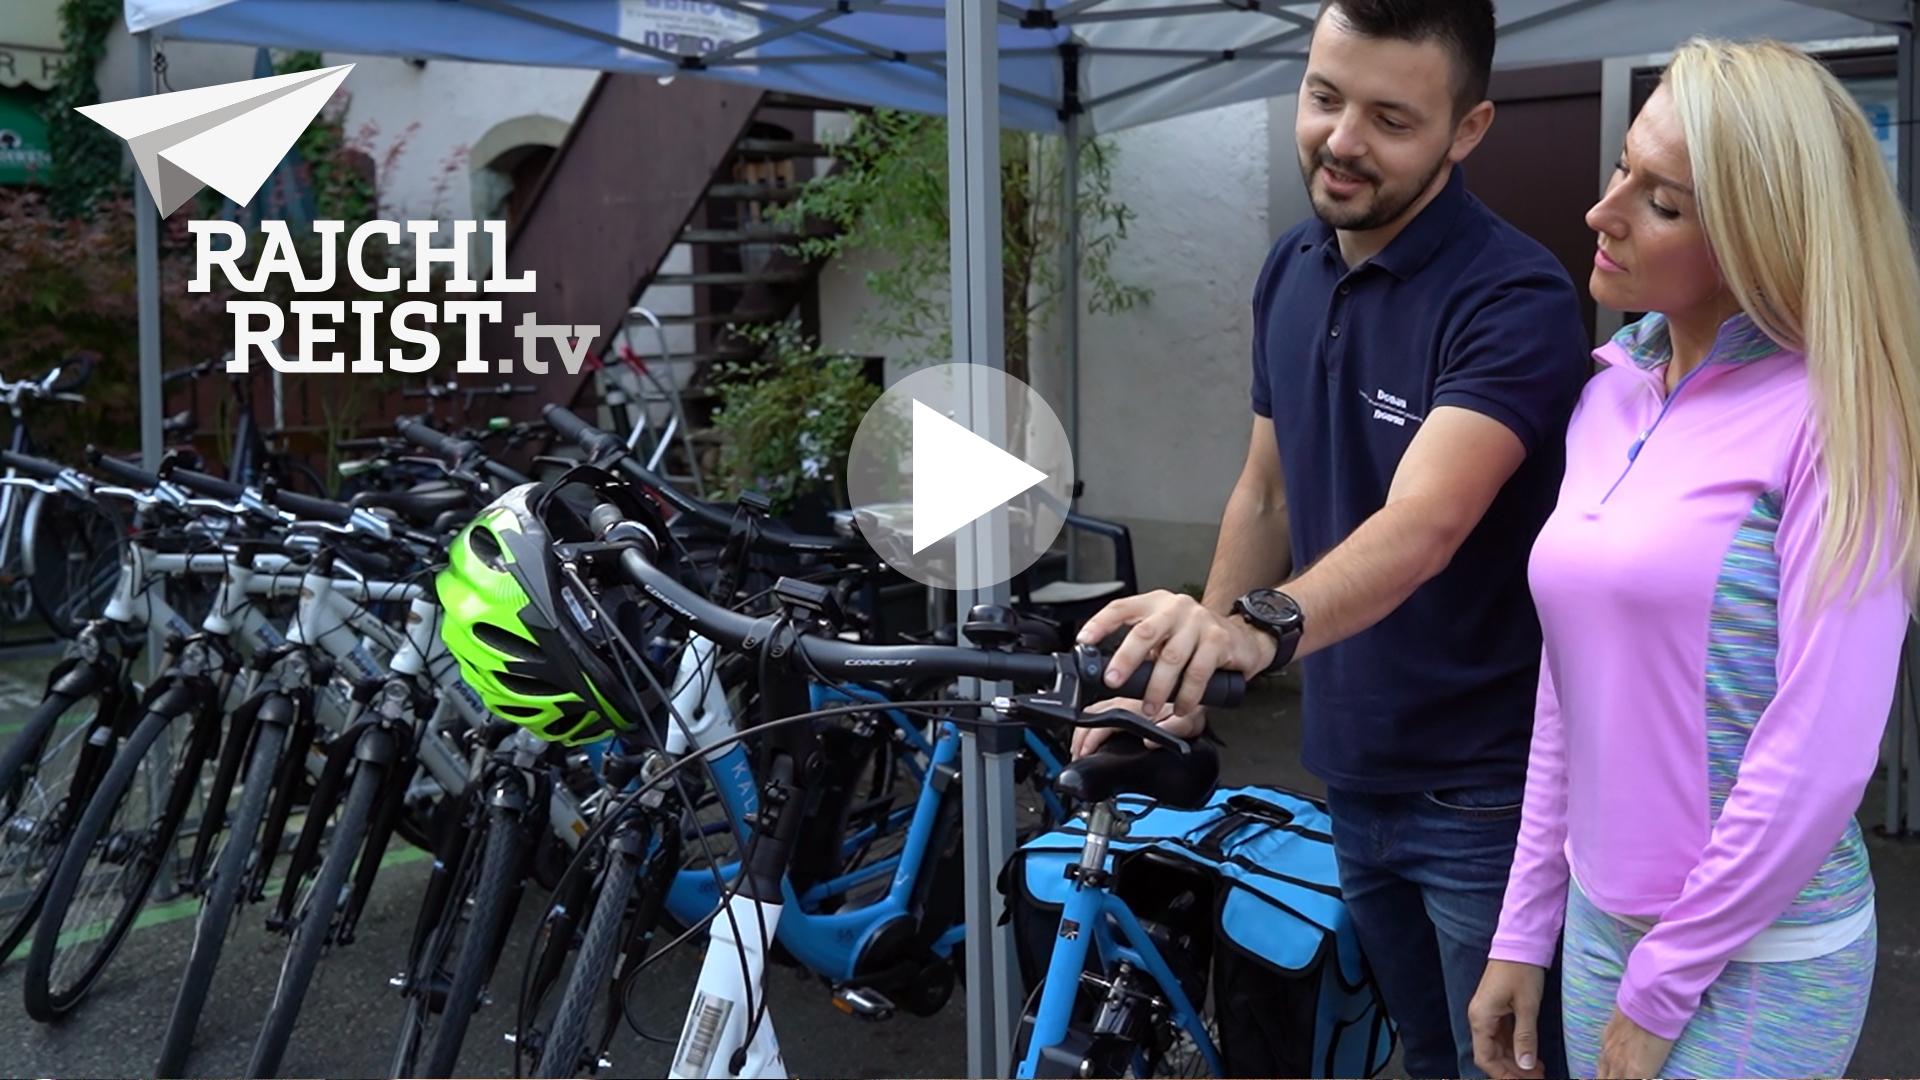 Rajchlreist.tv Projekt Radreise entlang der Etsch